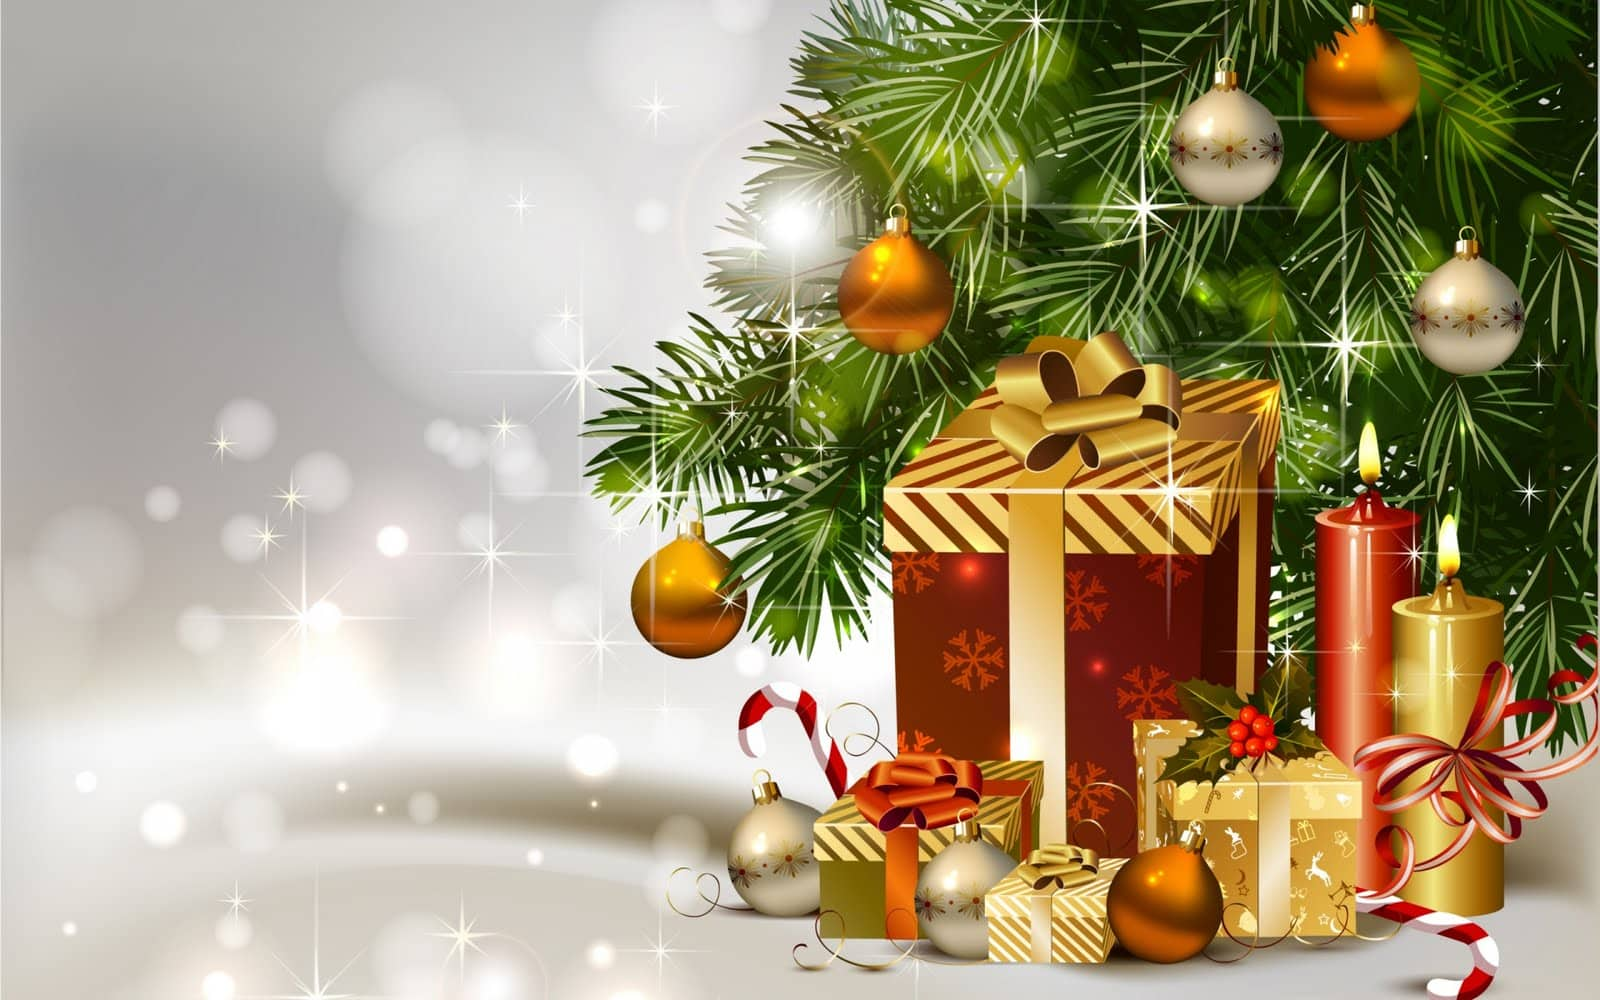 La Navidad y el árbol de Navidad